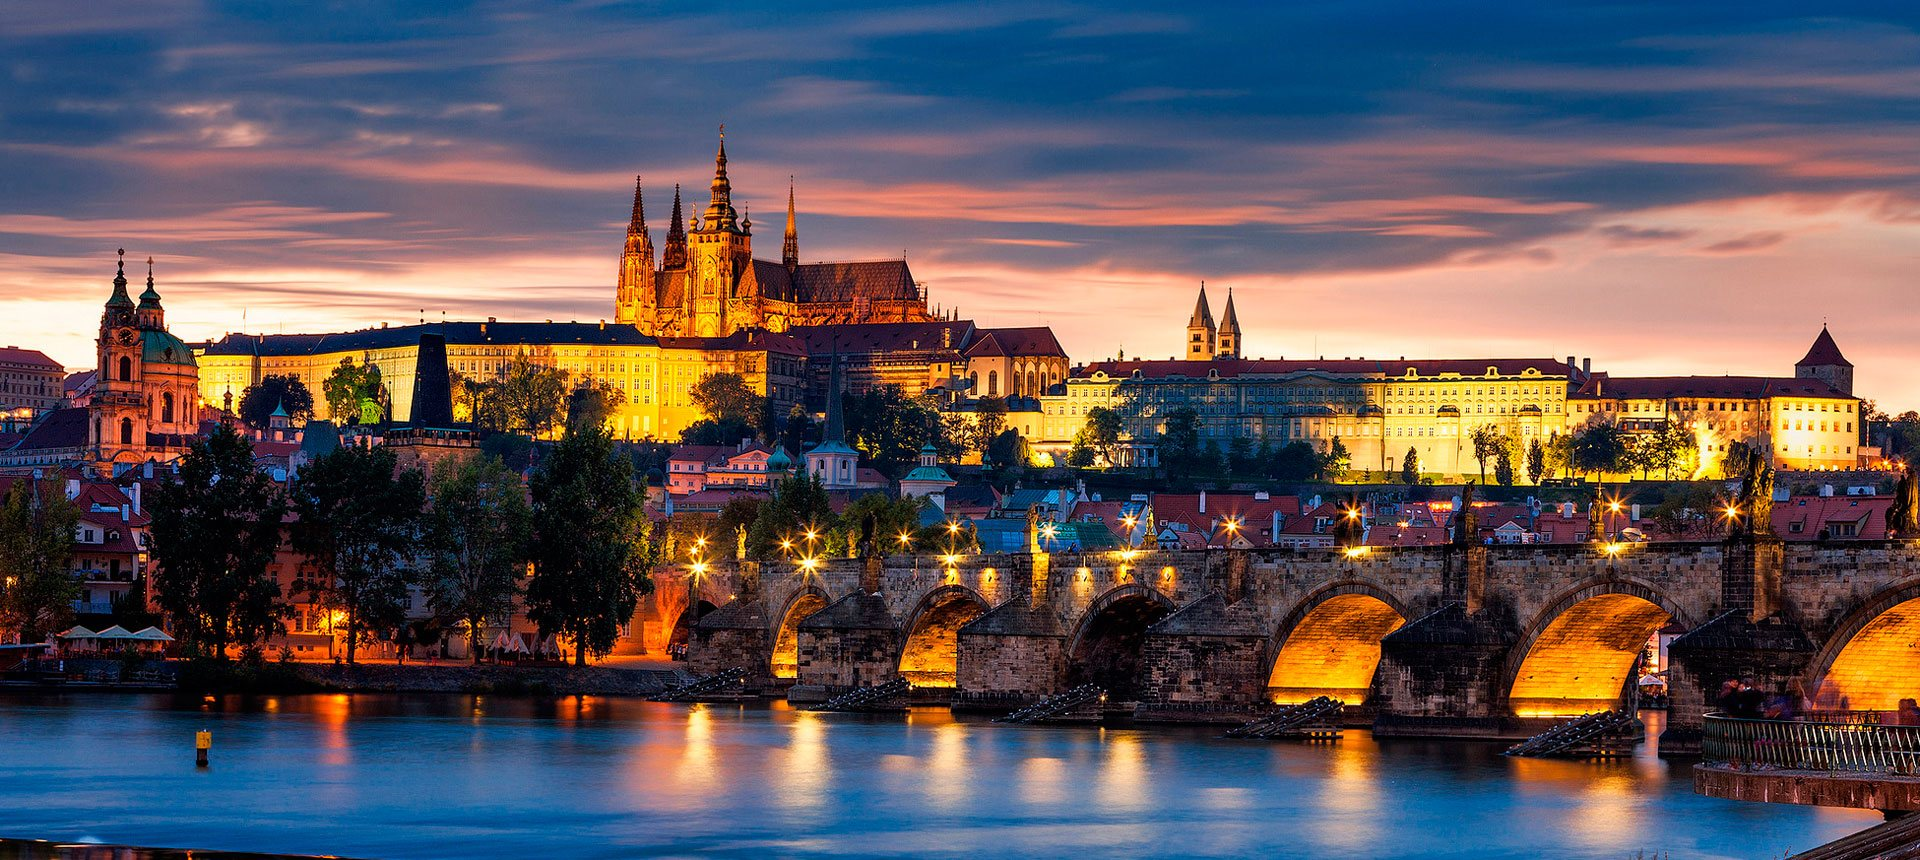 Praga: Conosci una delle mete turistiche più belle d'Europa